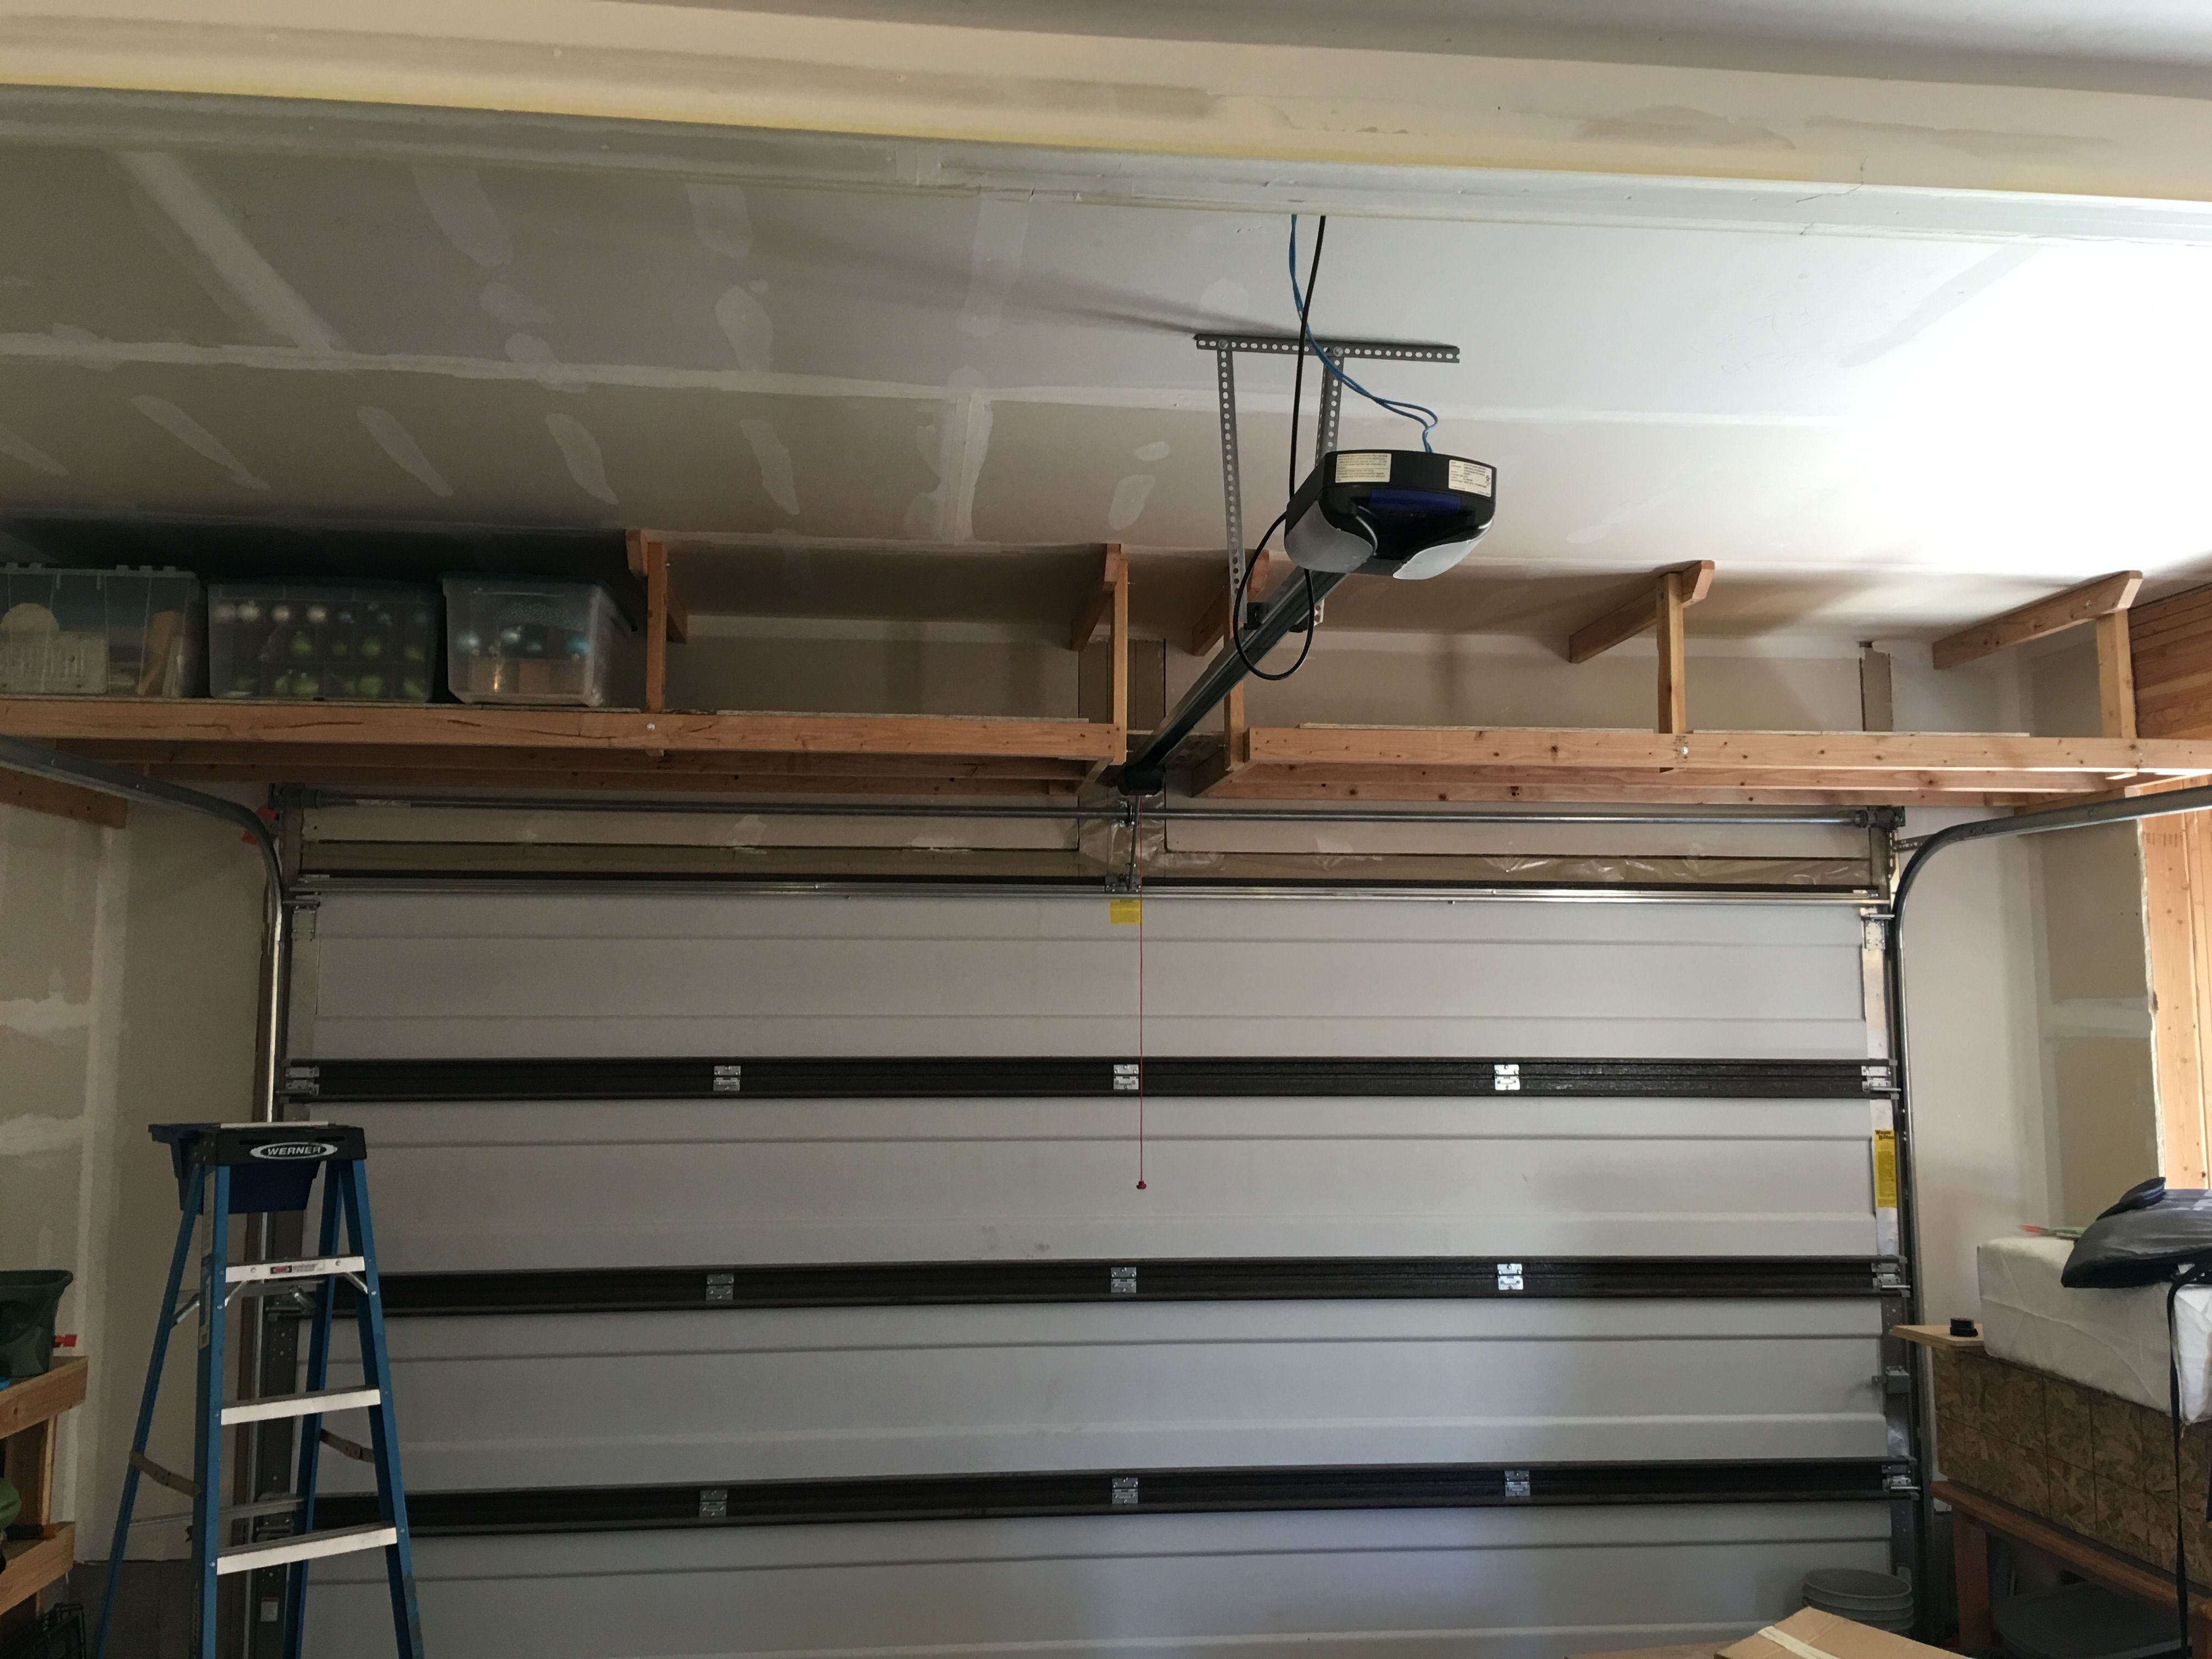 2 x 4 overhead garage storage (QuickCrafter) Overhead